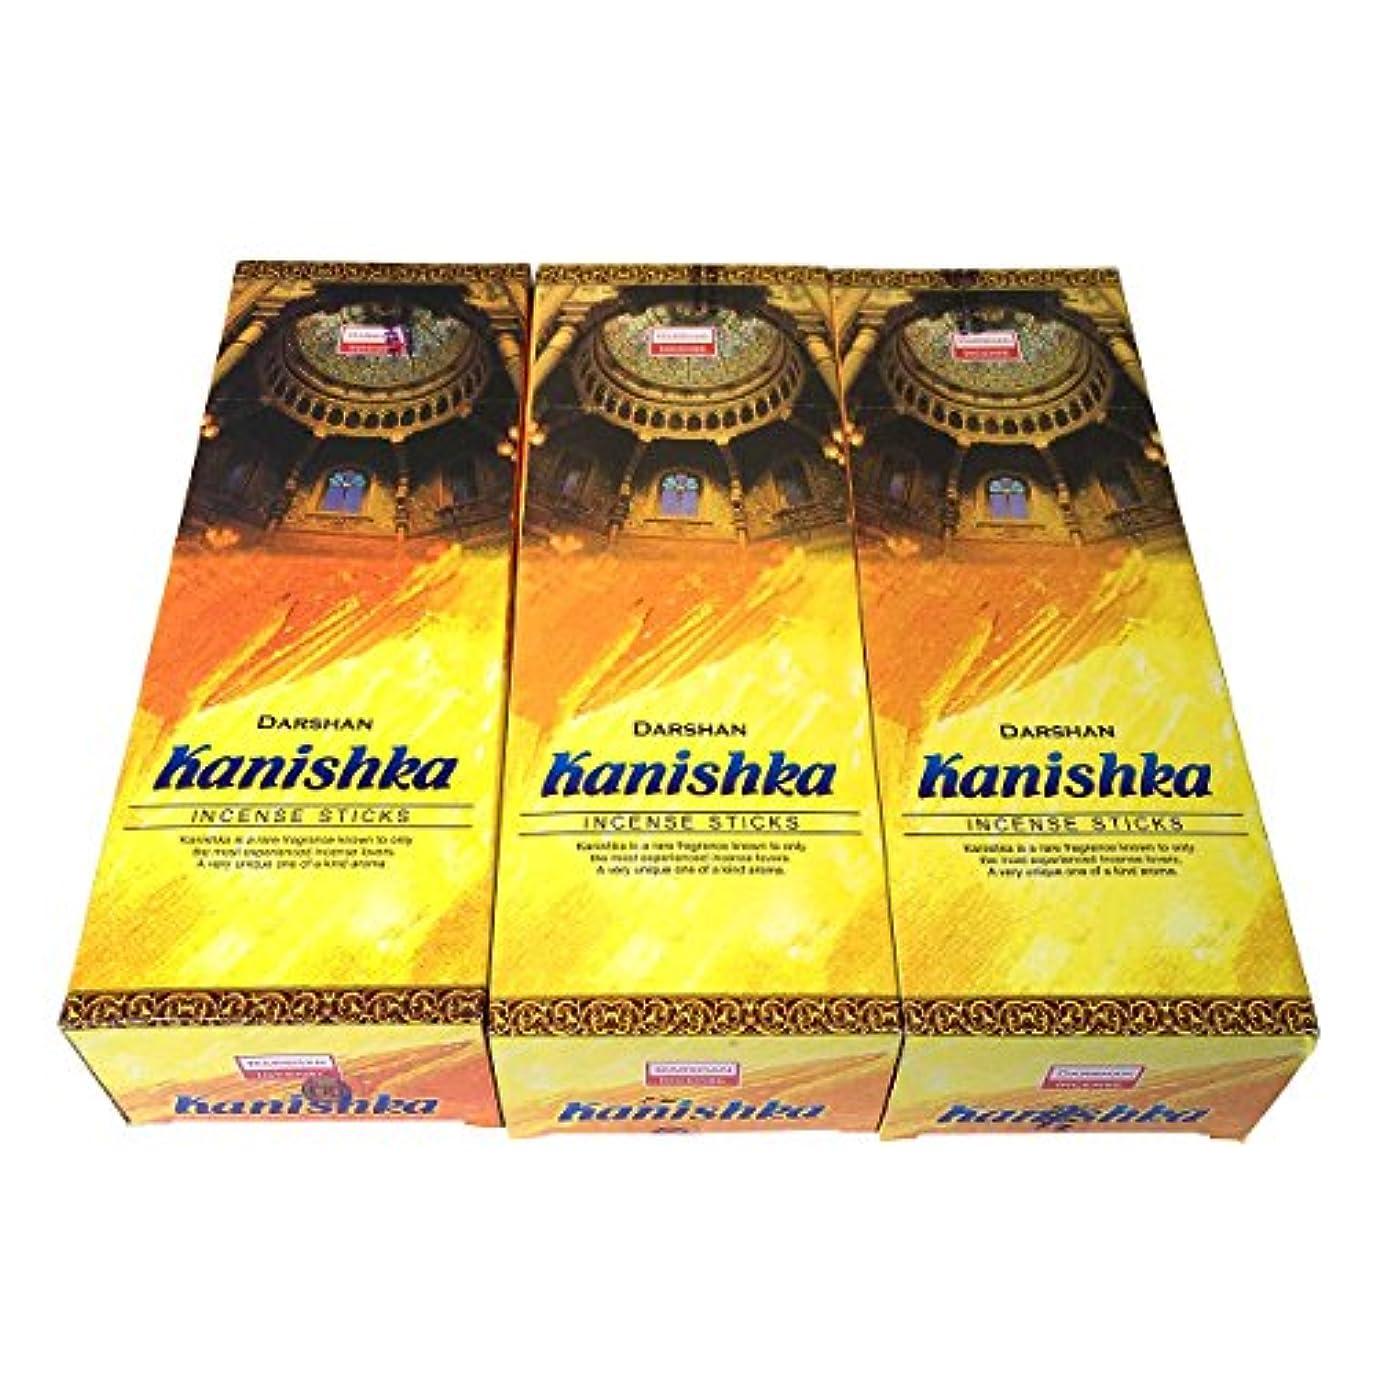 障害者忌避剤競争力のあるカニシュカ香スティック 3BOX(18箱) /DARSHAN KANISHKA/インセンス/インド香 お香 [並行輸入品]